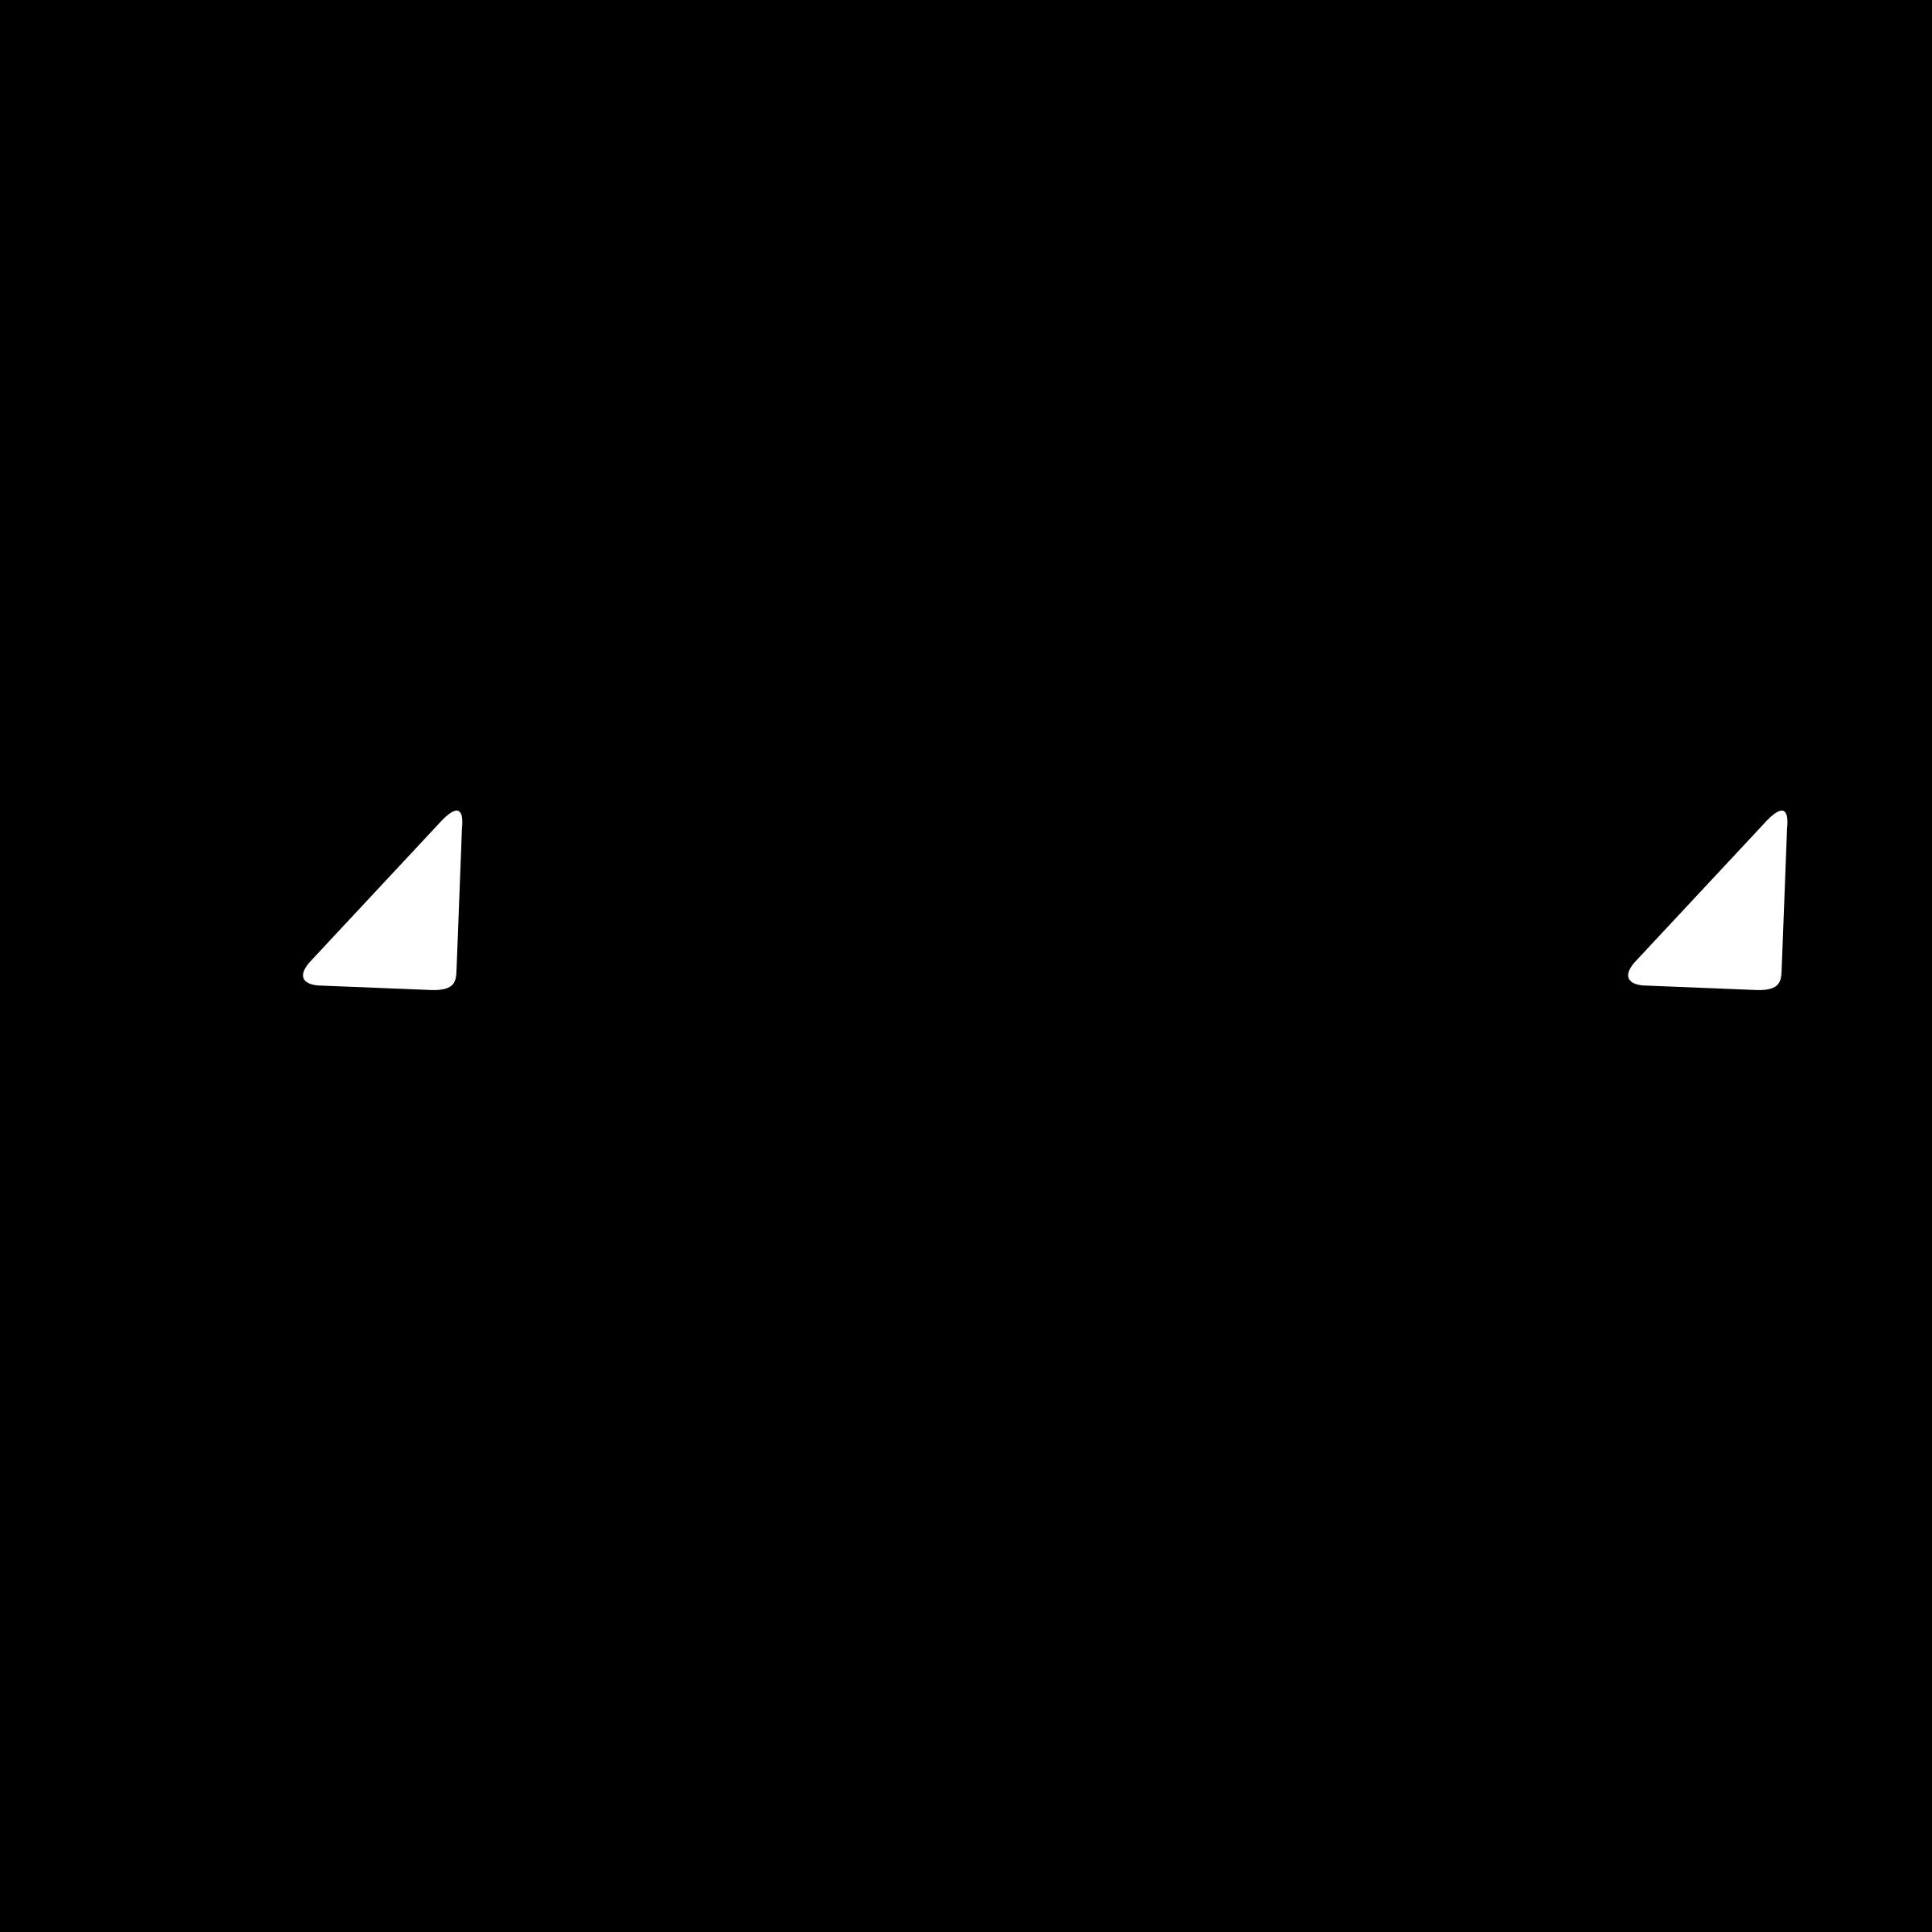 Aiga Logo Png Transparent & Svg Vector - Pluspng Pluspng.com - Aiga Logo PNG